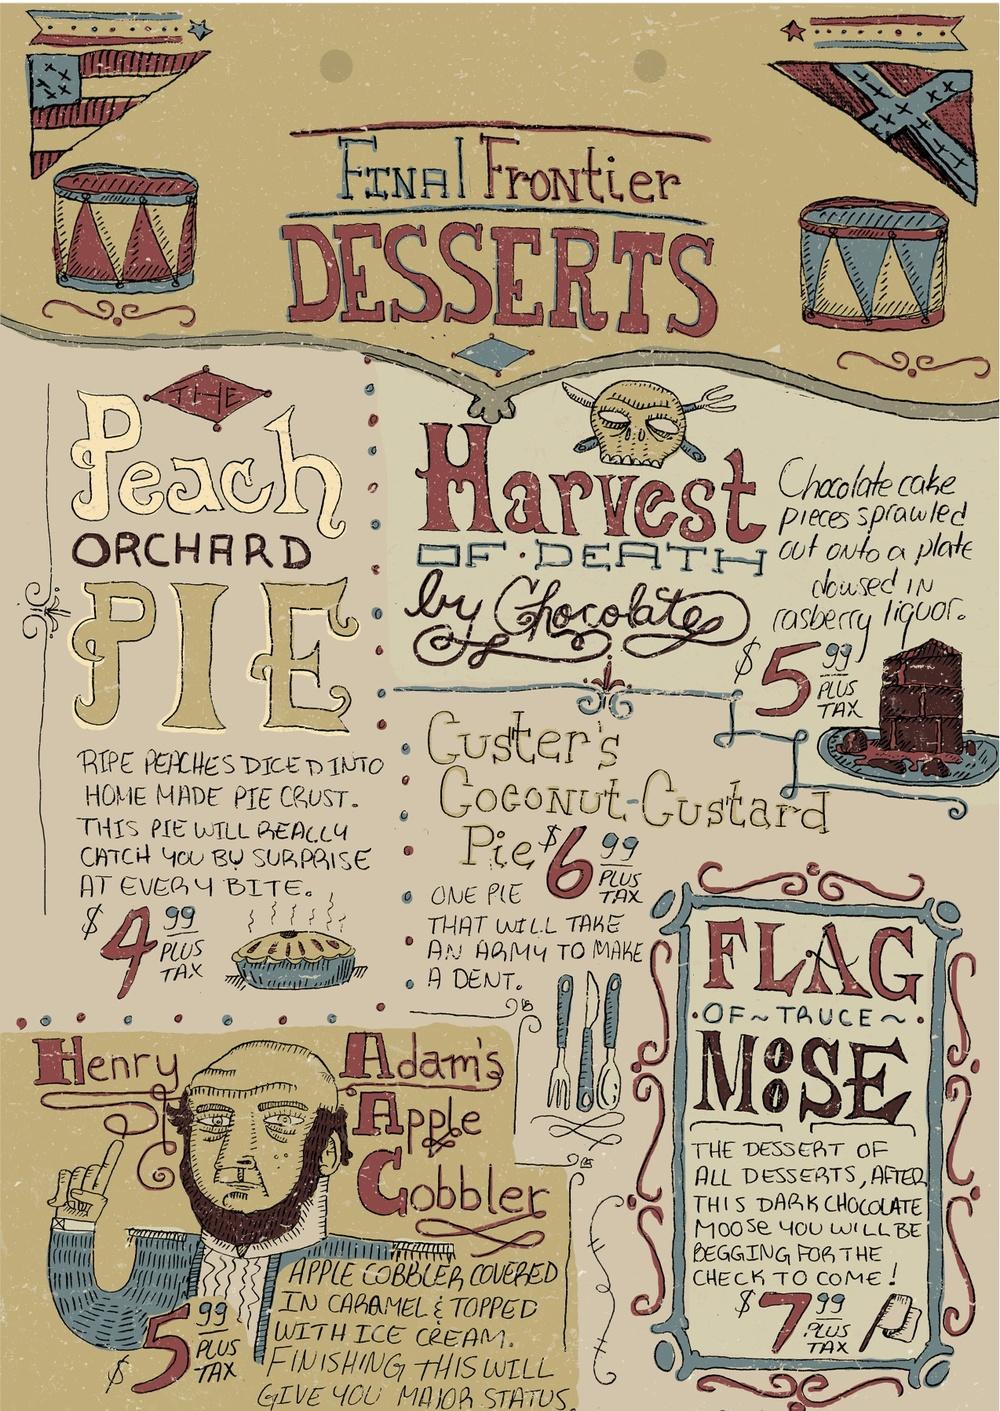 5_Gettysburger_Desserts.jpg